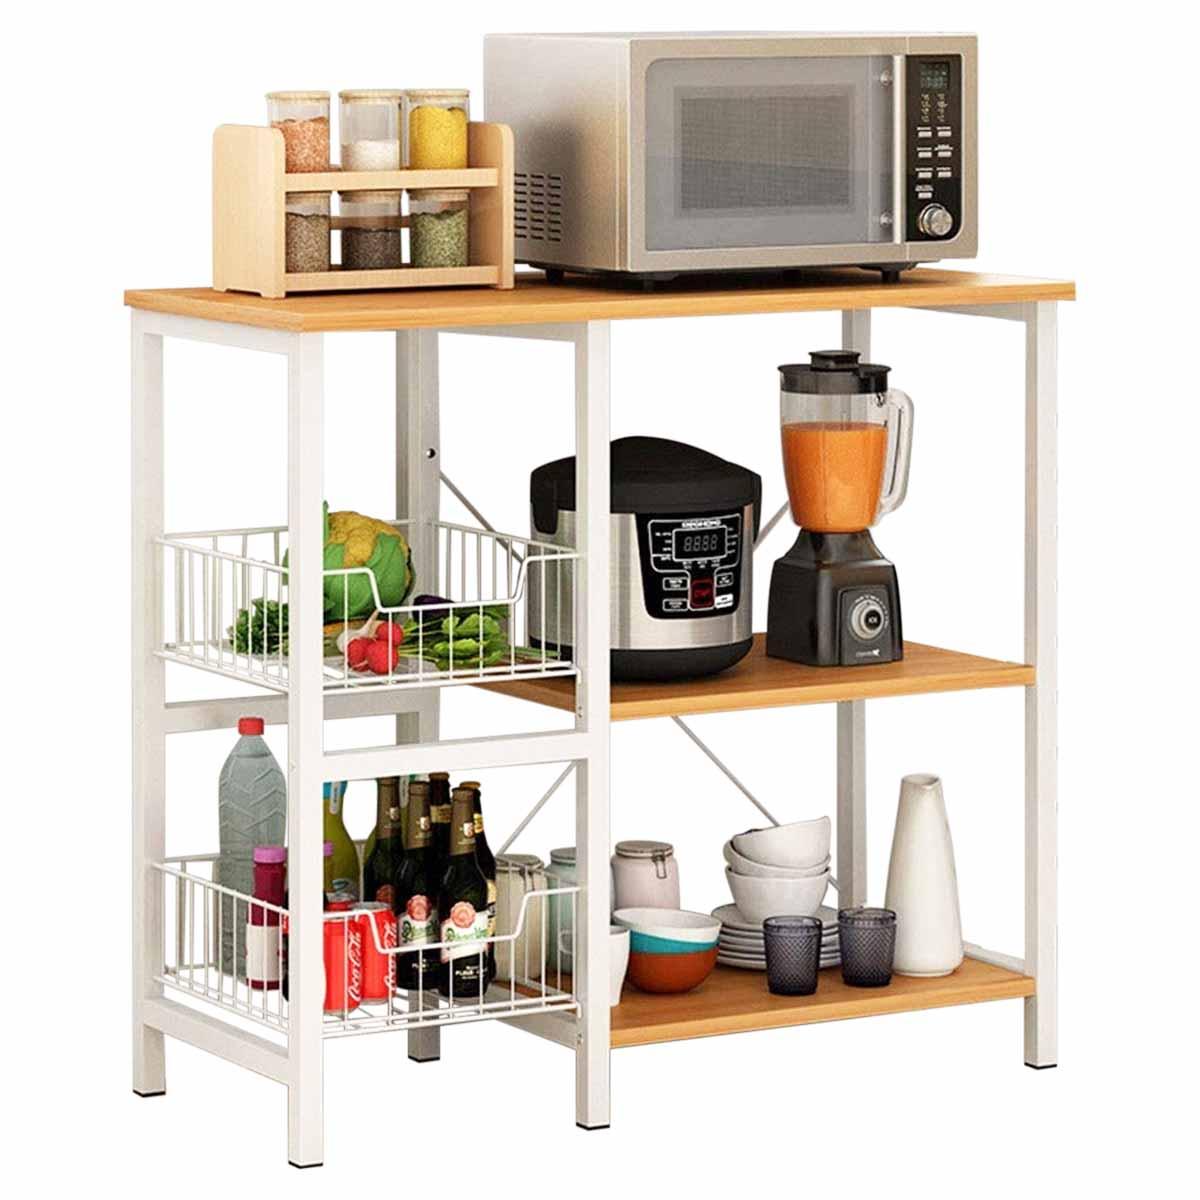 Rack Mueble Con Repisas Multiusos Horno de Microondas Cocina